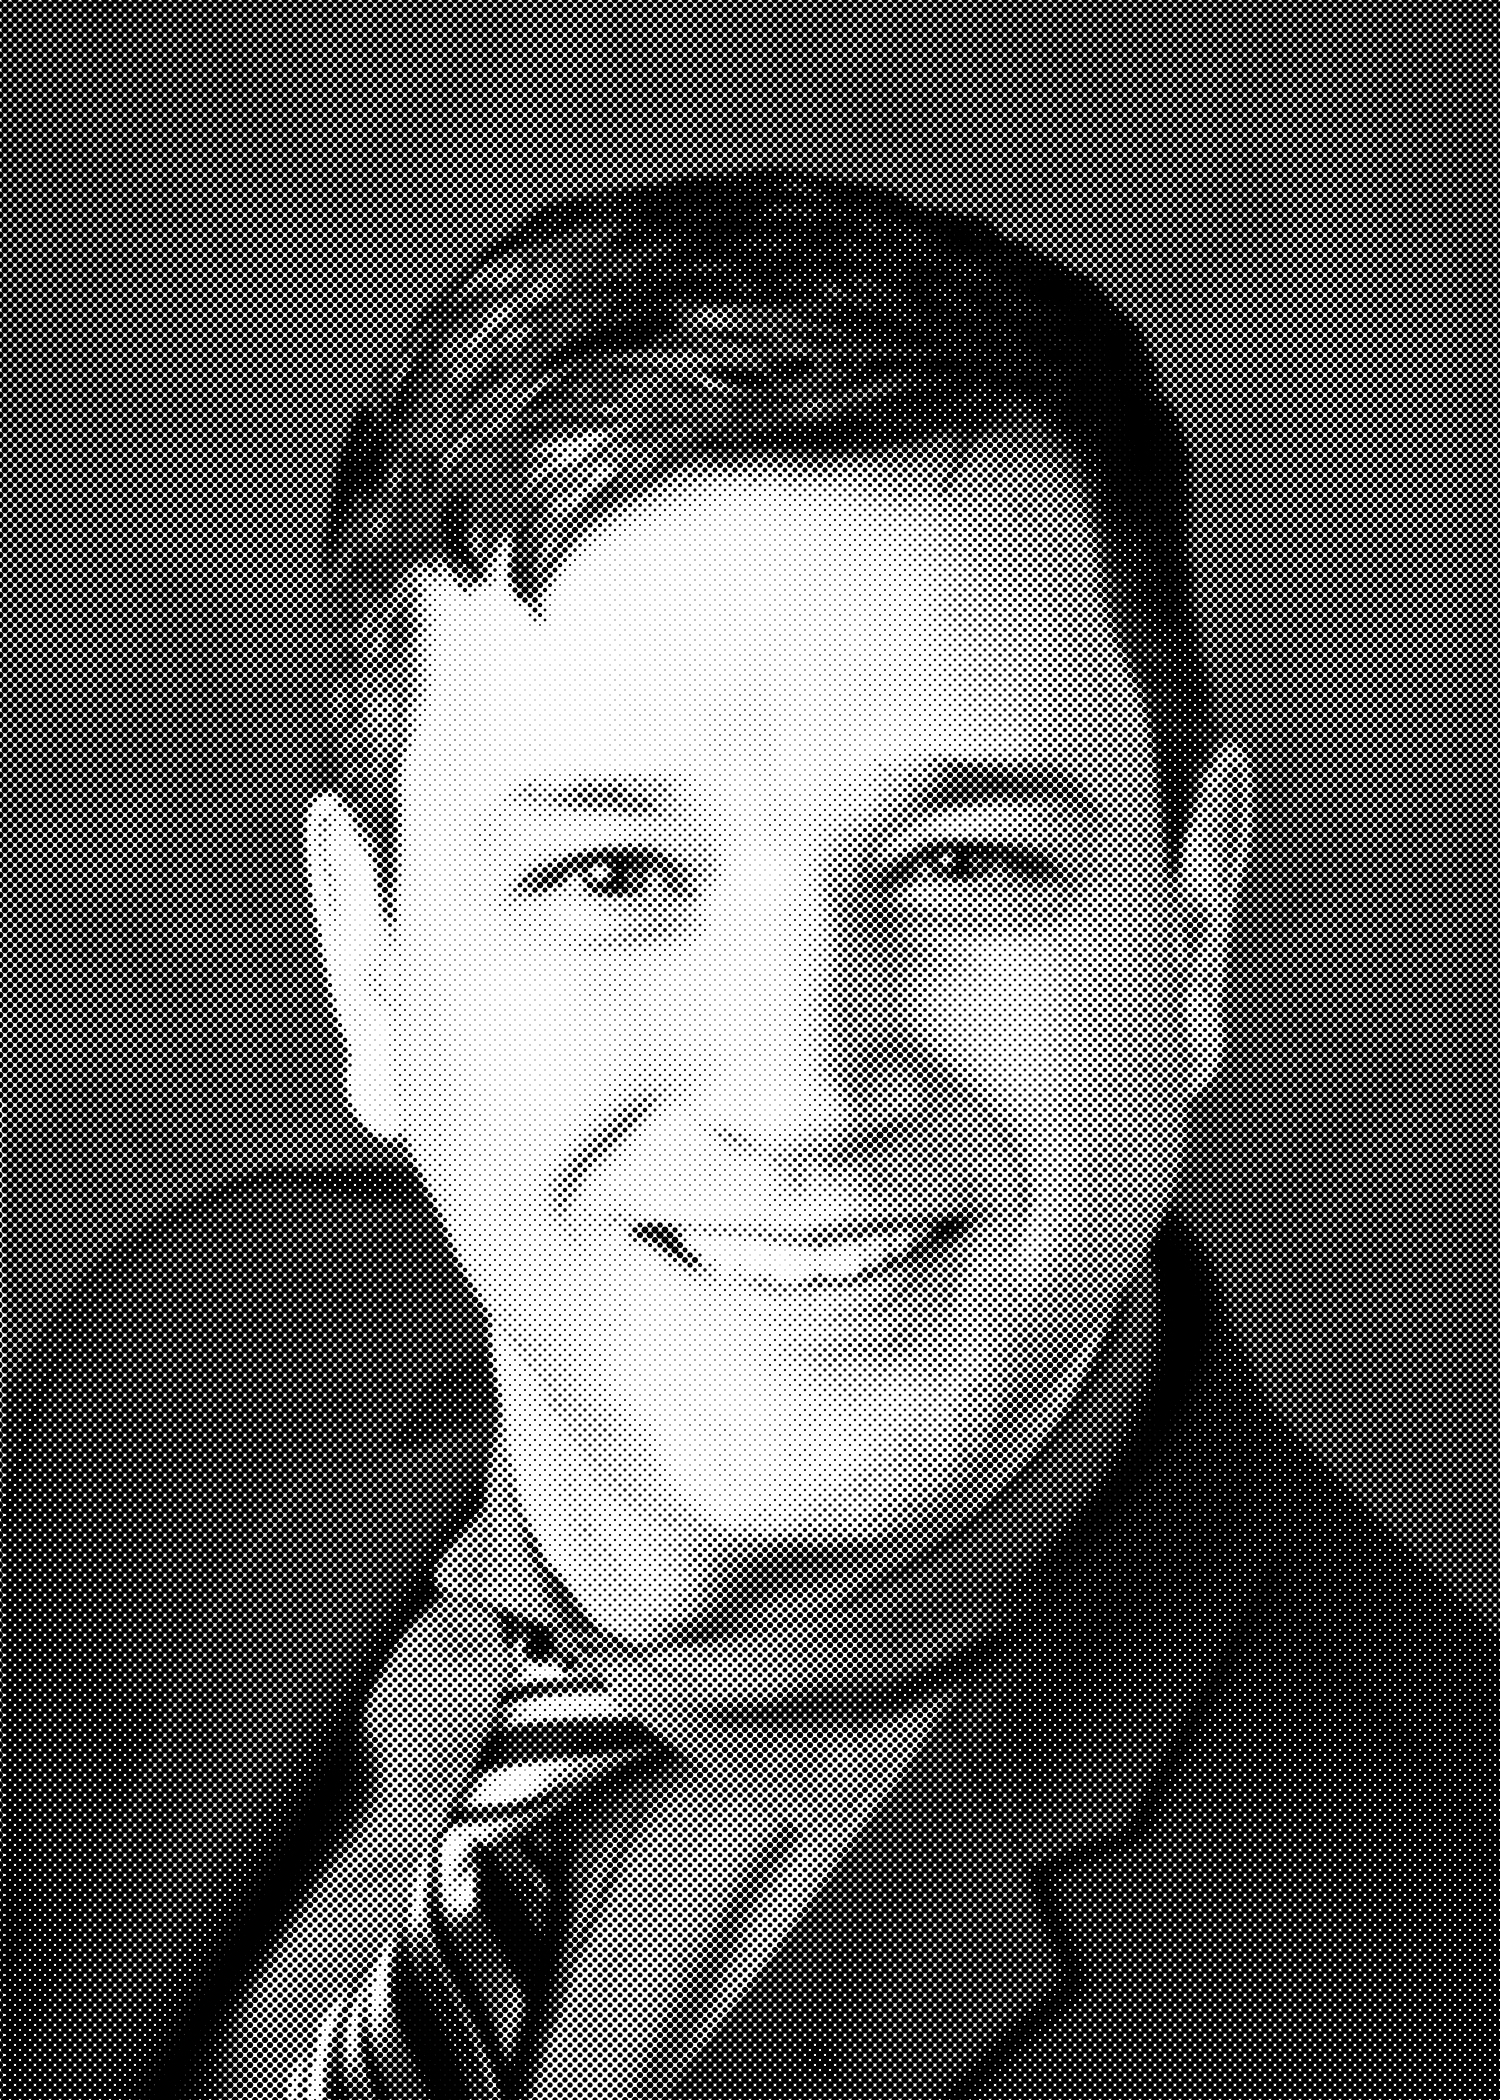 Shawn Penoyer Mediation